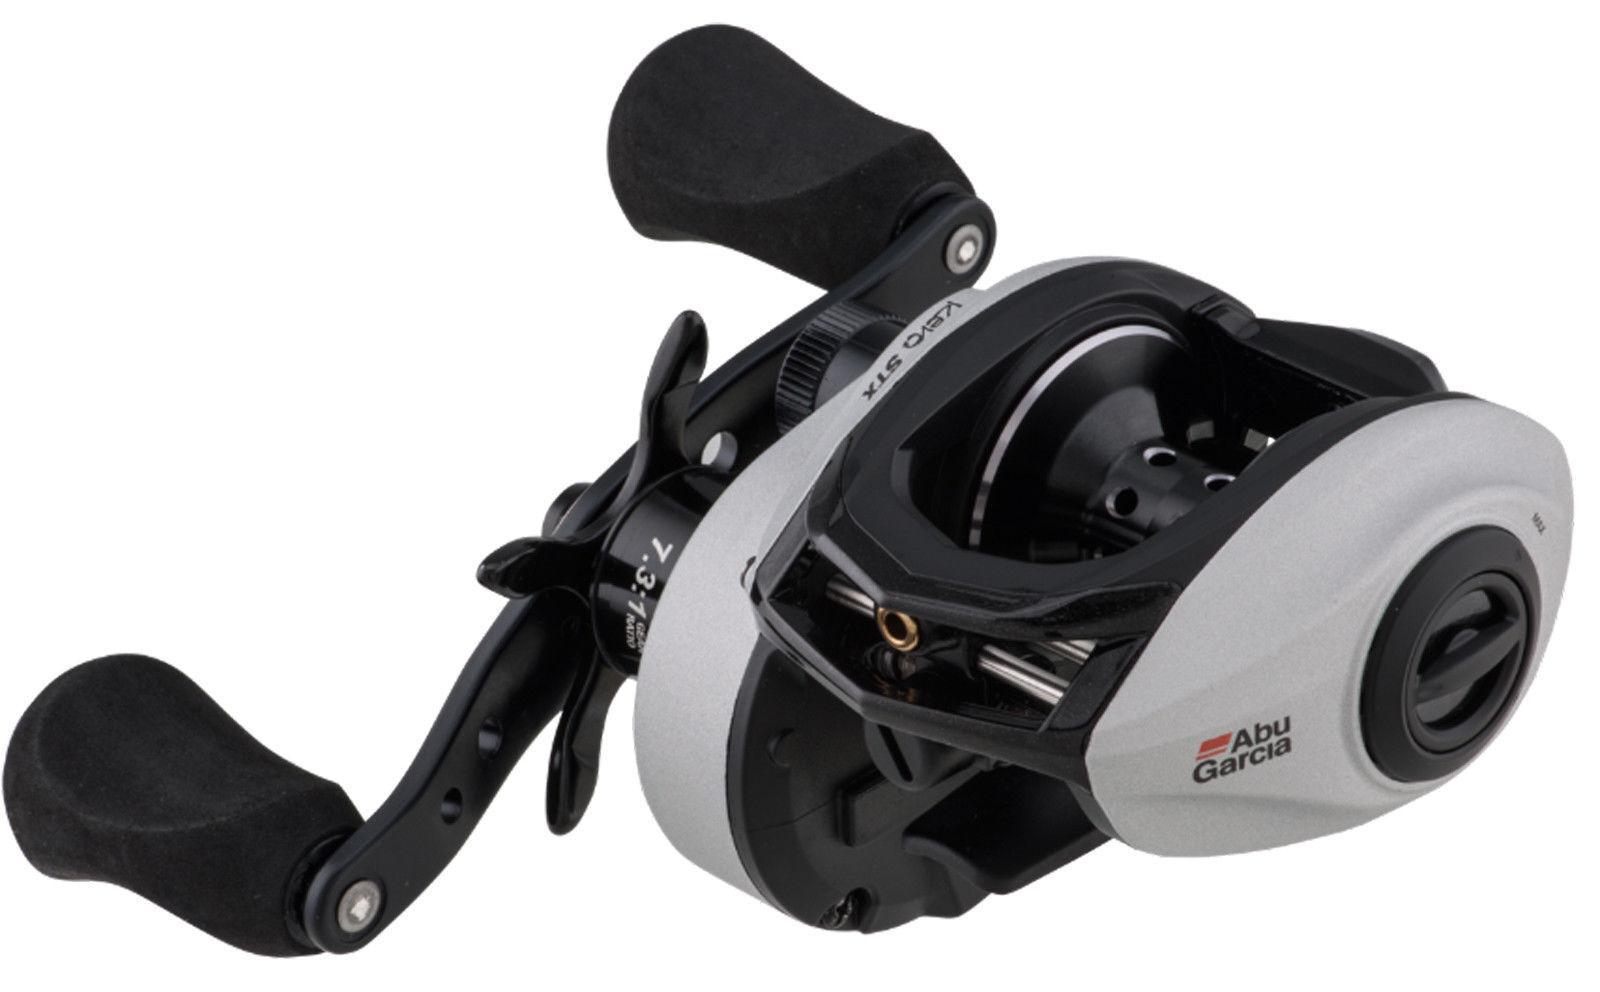 New Abu Garcia Gen 4 Revo STX RH 6.6:1 Baitcast Fishing Reel REVO4STX RH STX 17e6ed